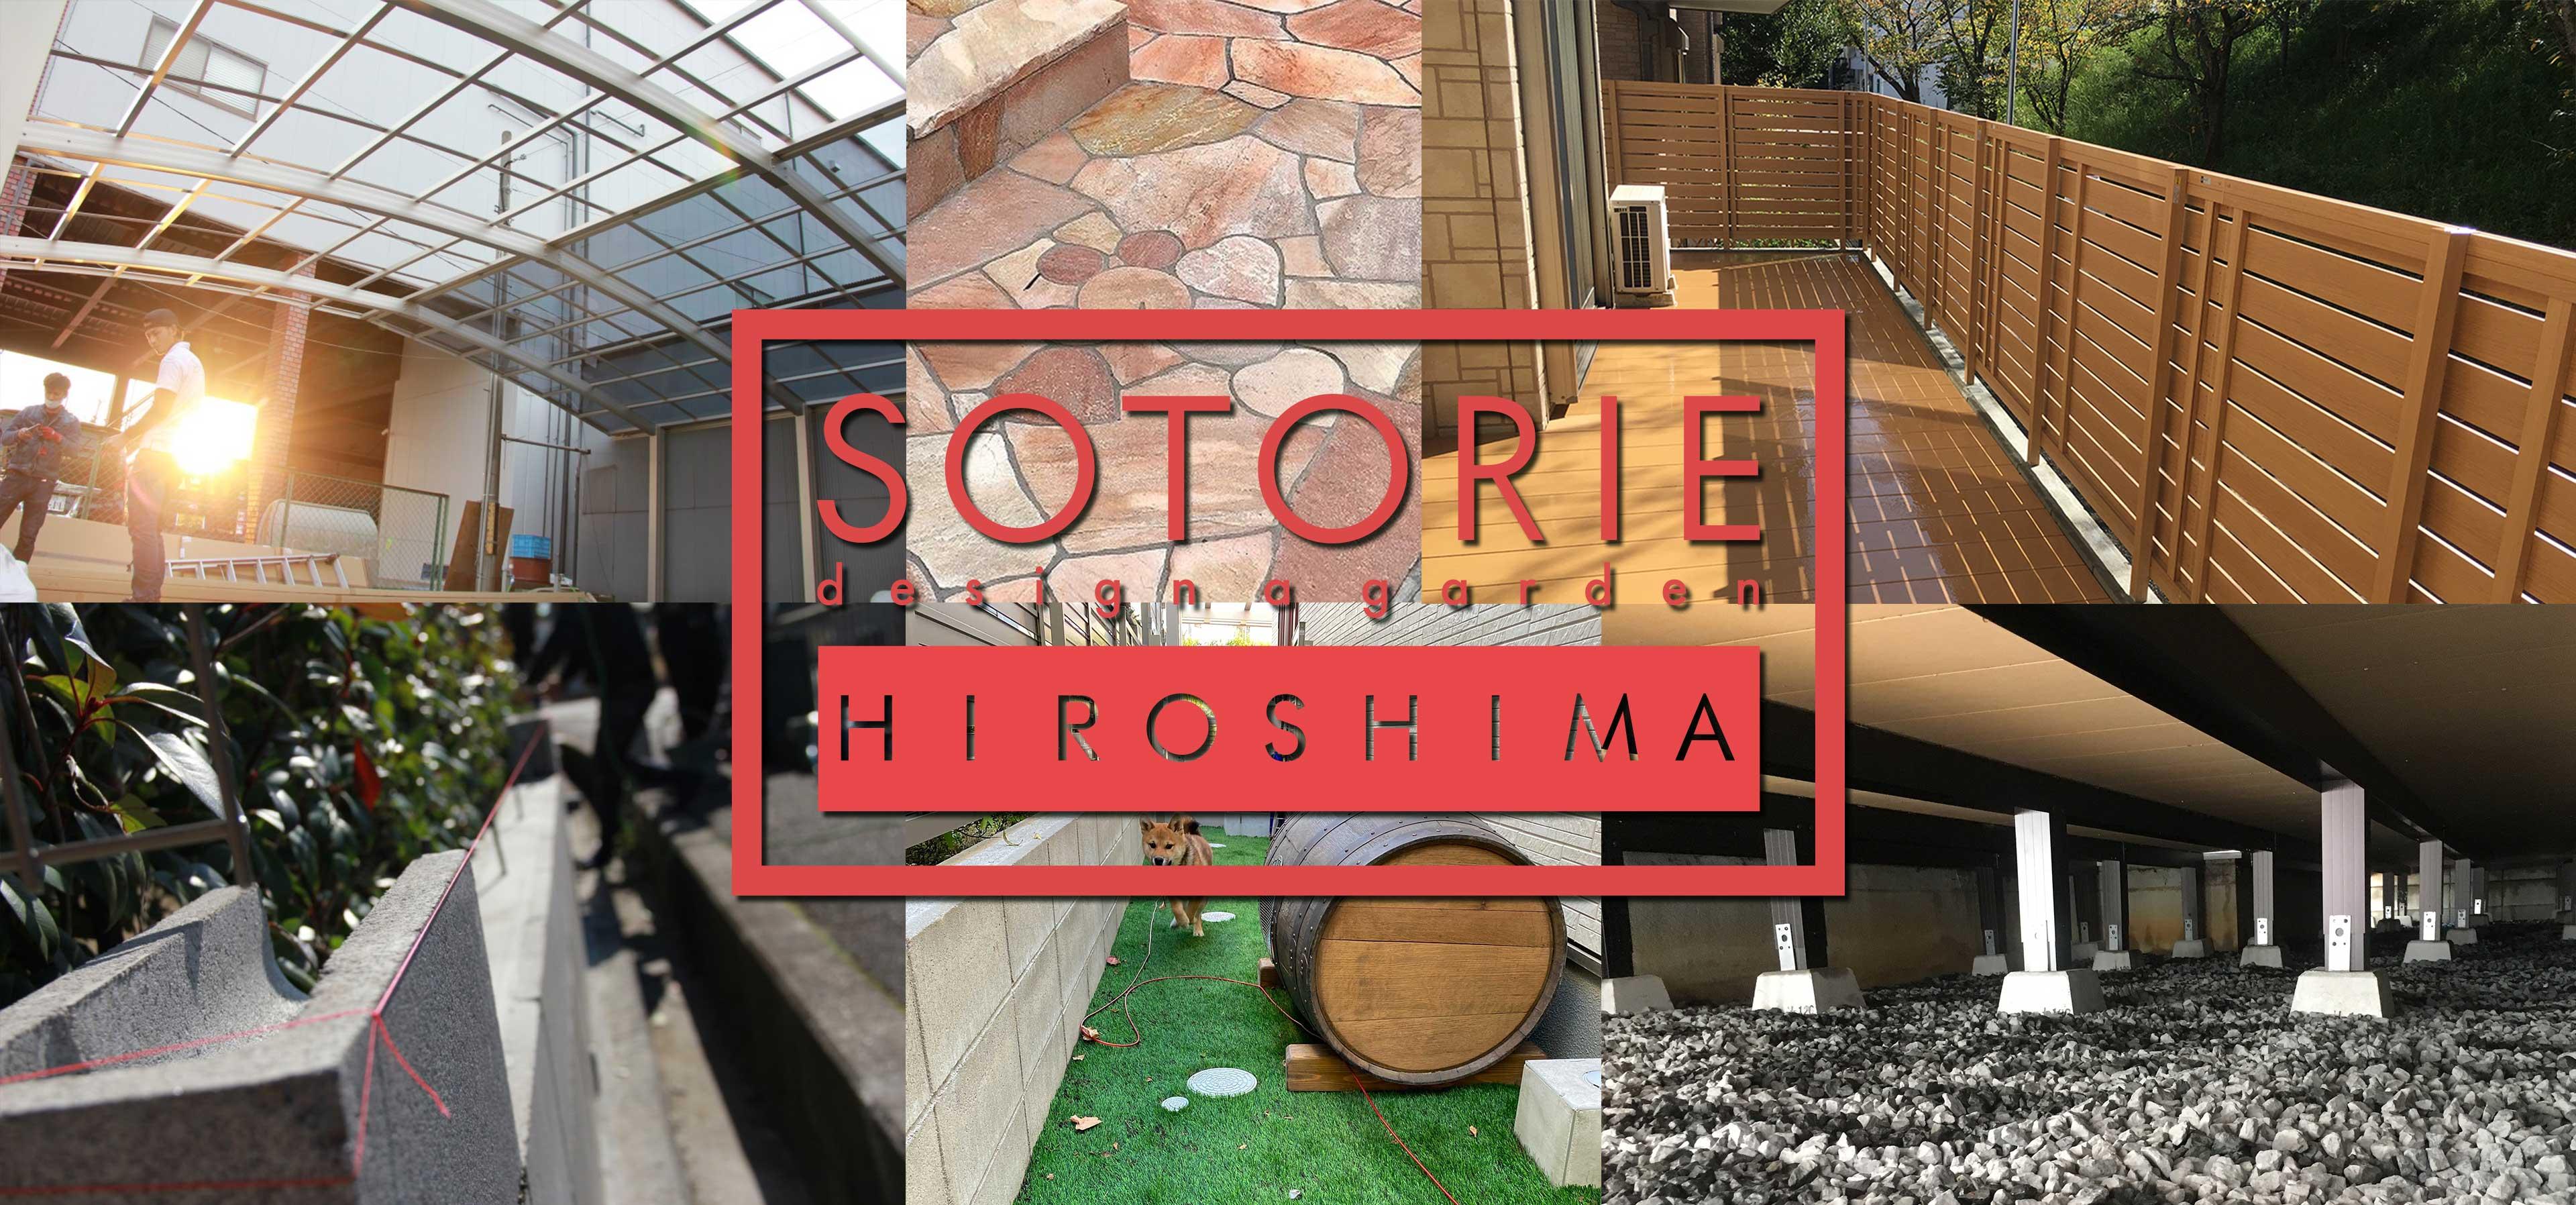 ソトリエ広島では、家周りと庭周りの外構、エクステリア工事をおしゃれなデザインと高い施工品質でご提供することをお約束します。